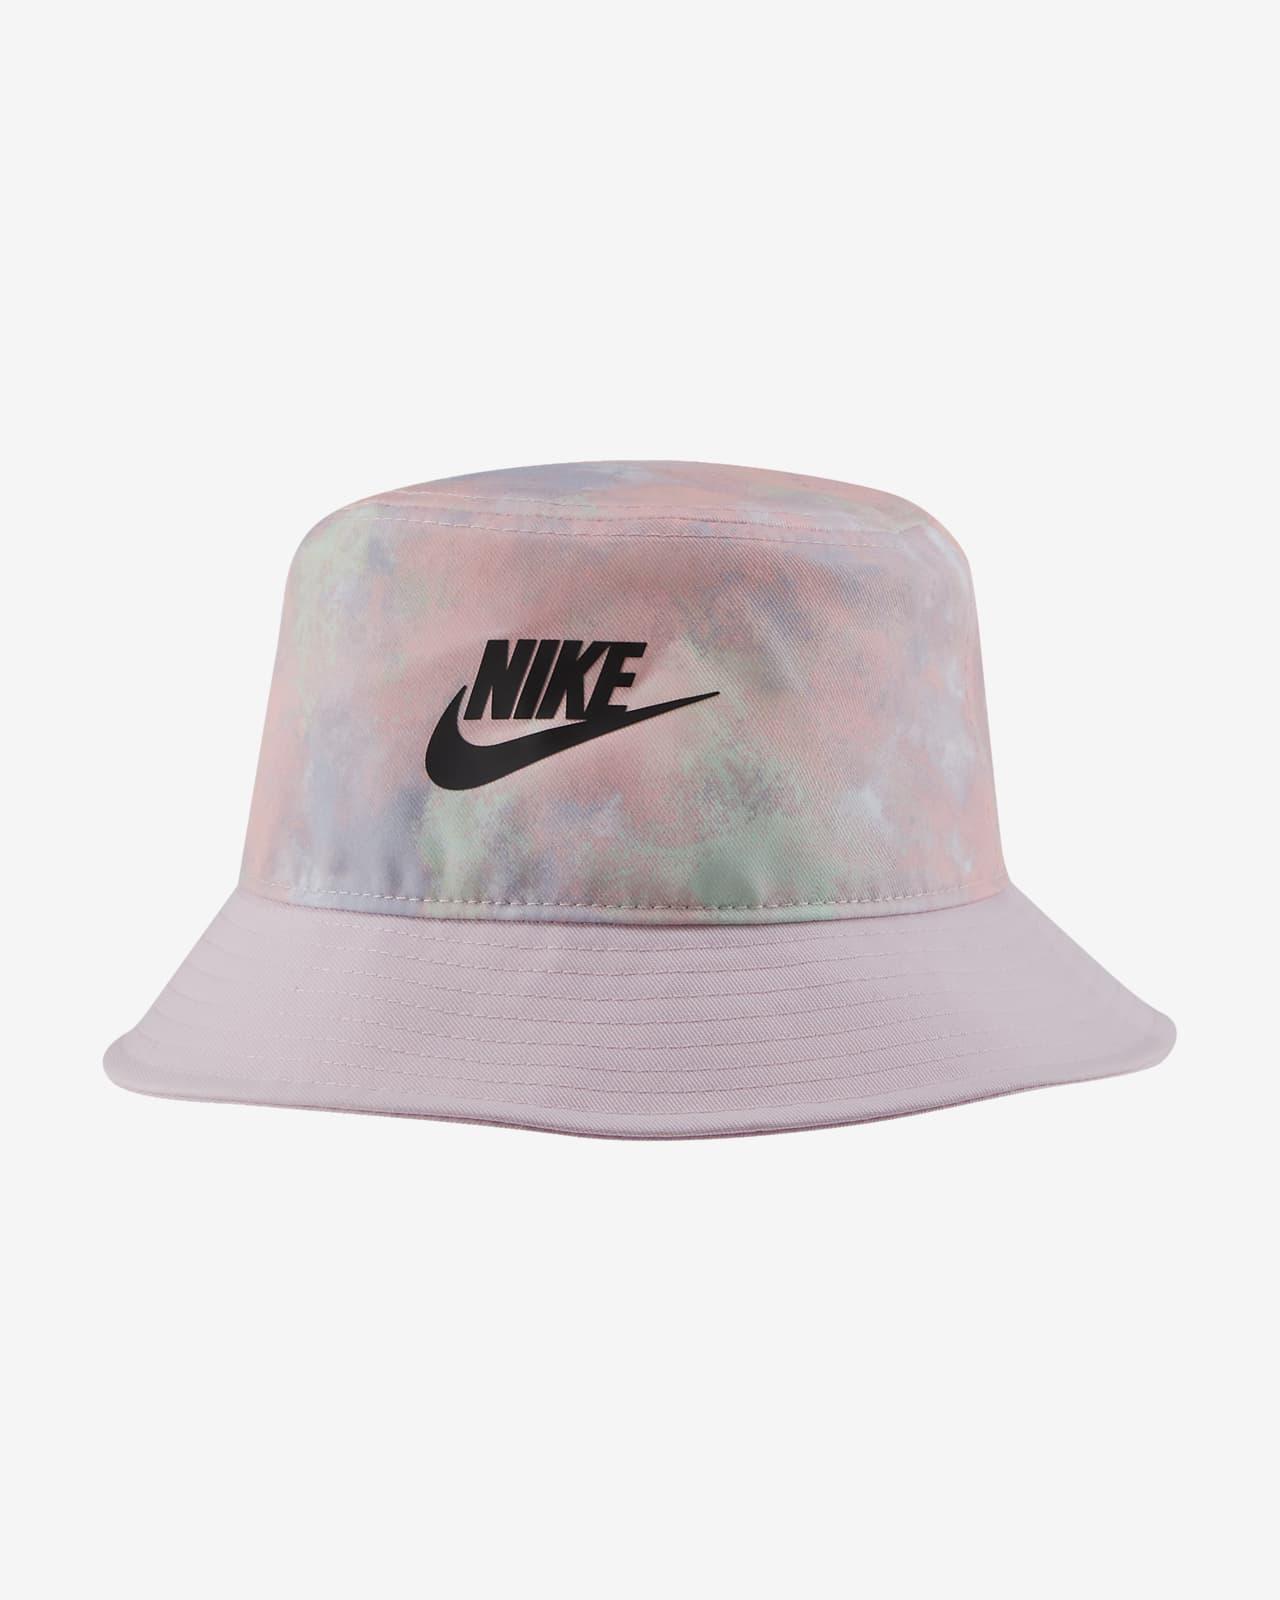 Nike Older Kids' Tie-Dye Bucket Hat